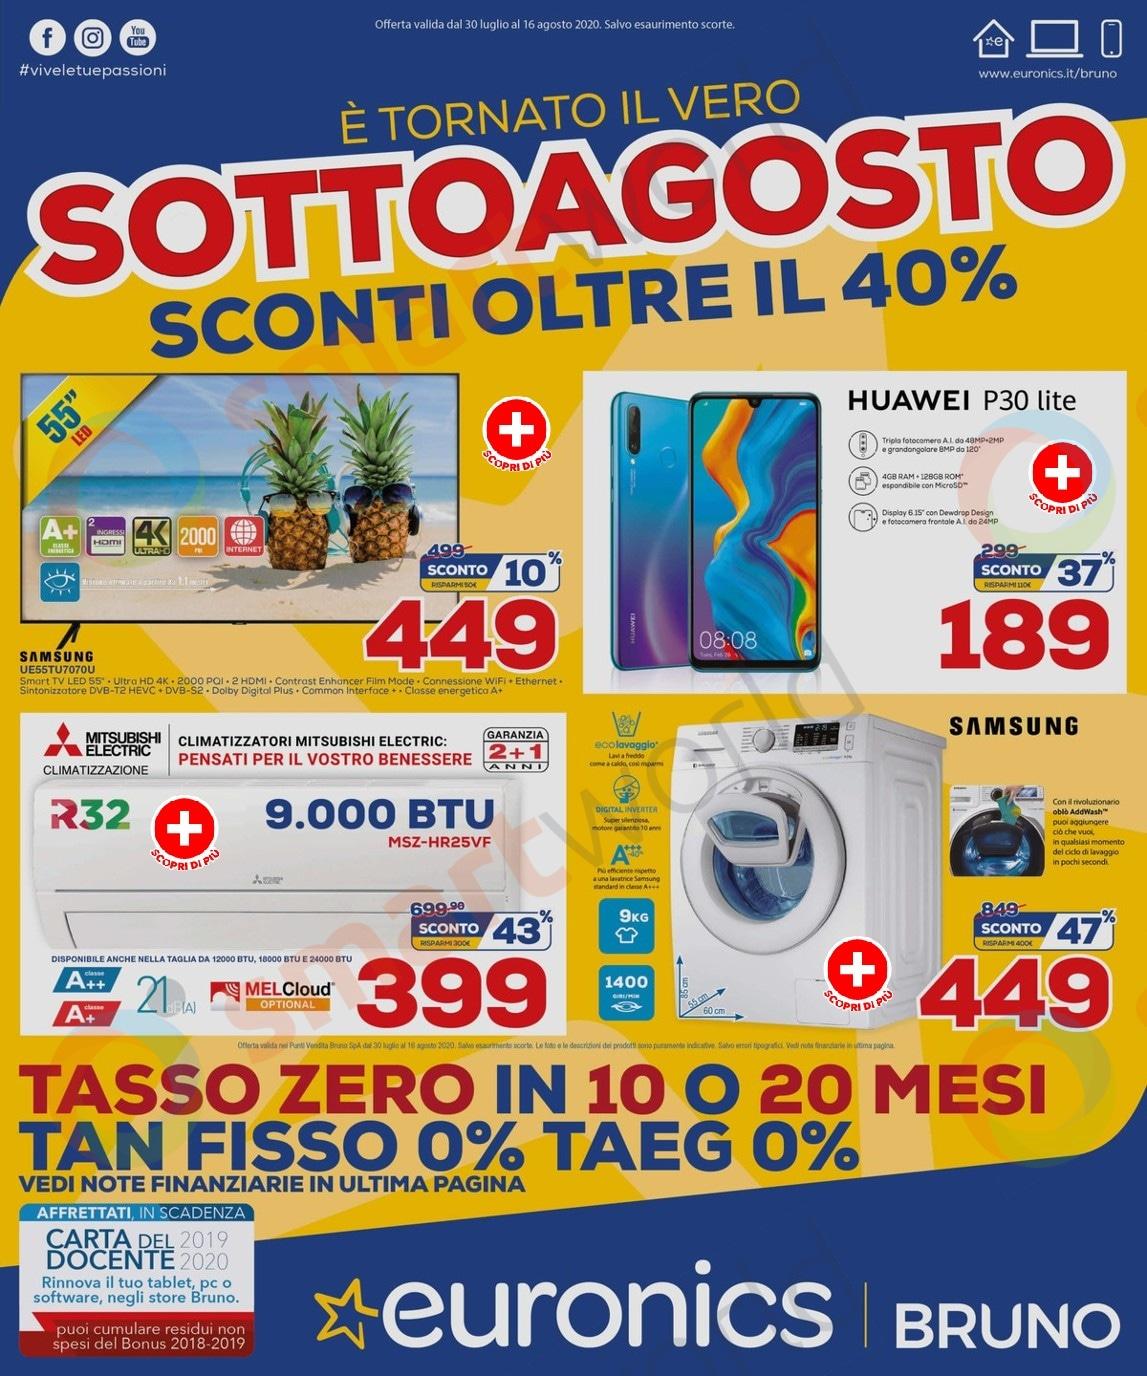 """Volantino Euronics """"SottoAgosto"""" 30 lug – 16 ago: tagli ..."""